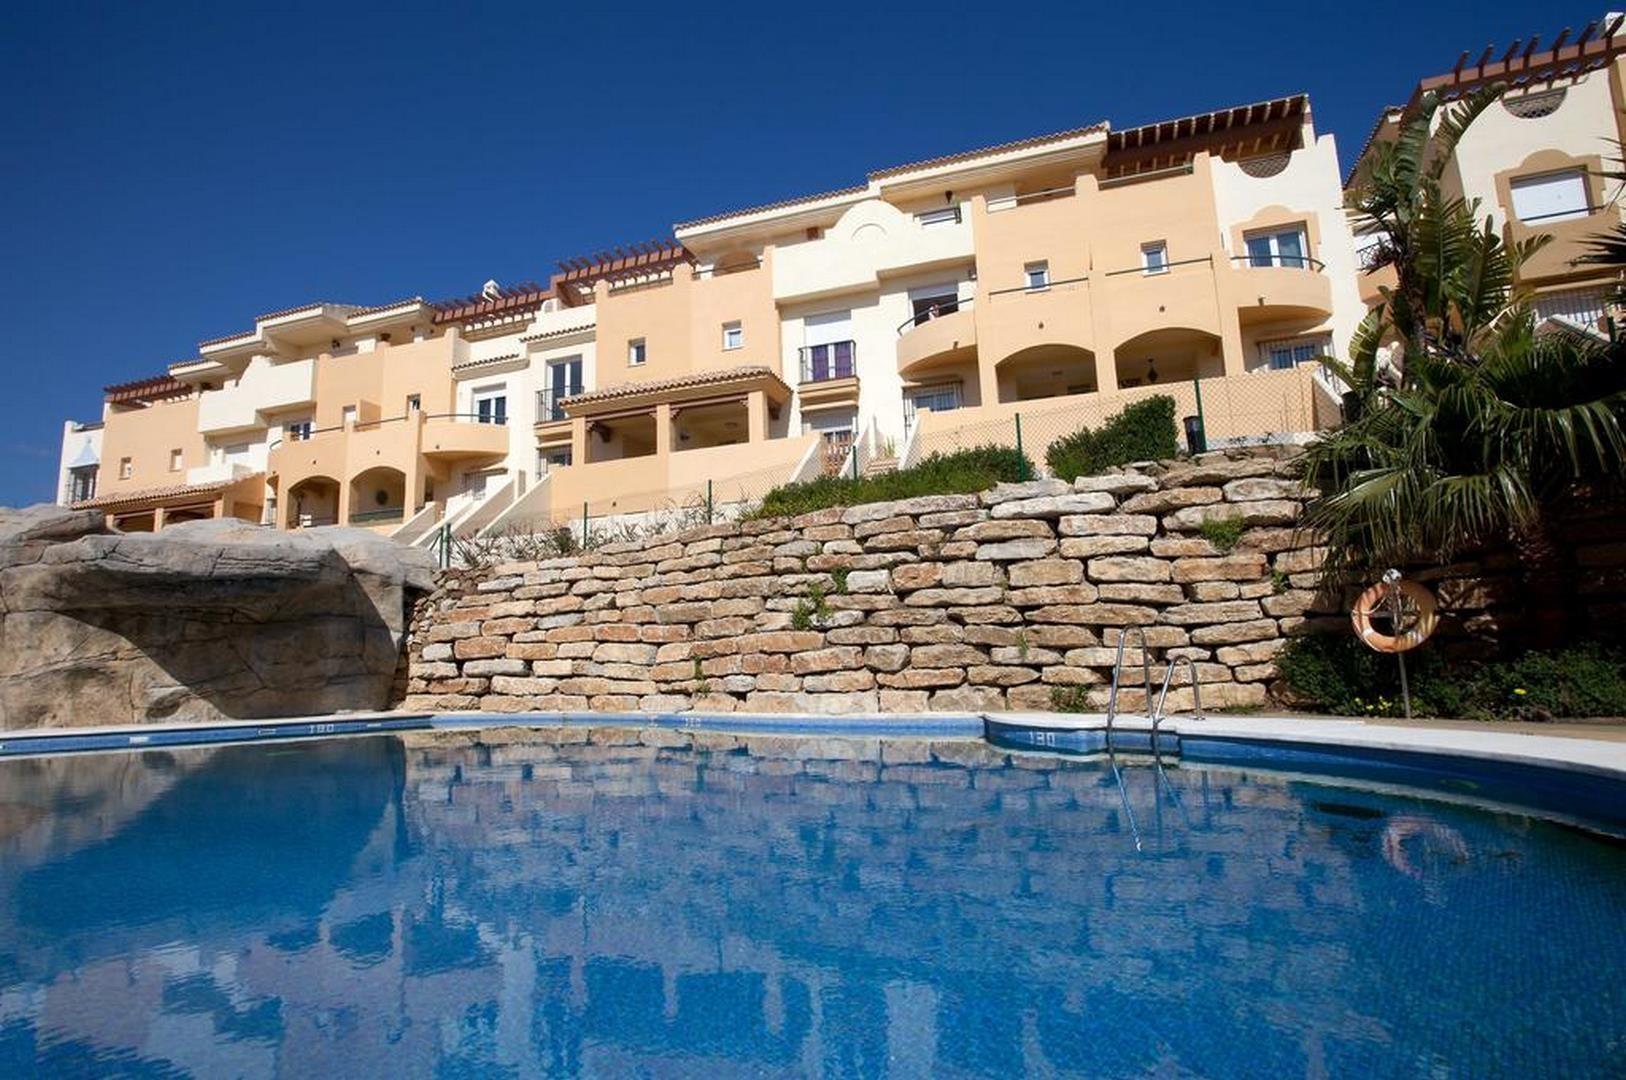 Casad de 3 dormitorios en tarifa - Casas en almenara playa ...